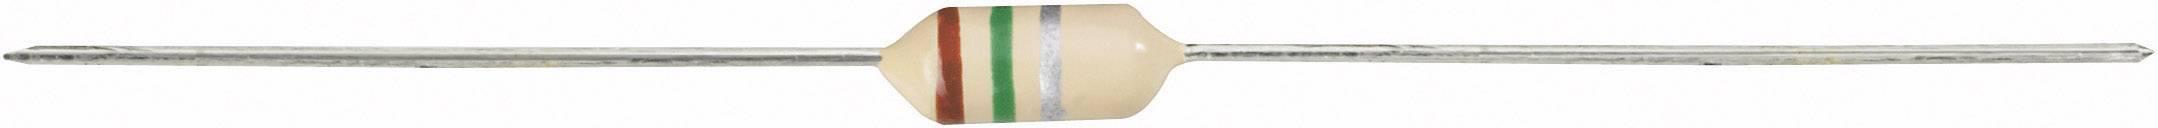 VF cívka Fastron SMCC-392J-02, 3900 µH, 0,059 A, 10 %, SMCC-392, ferit